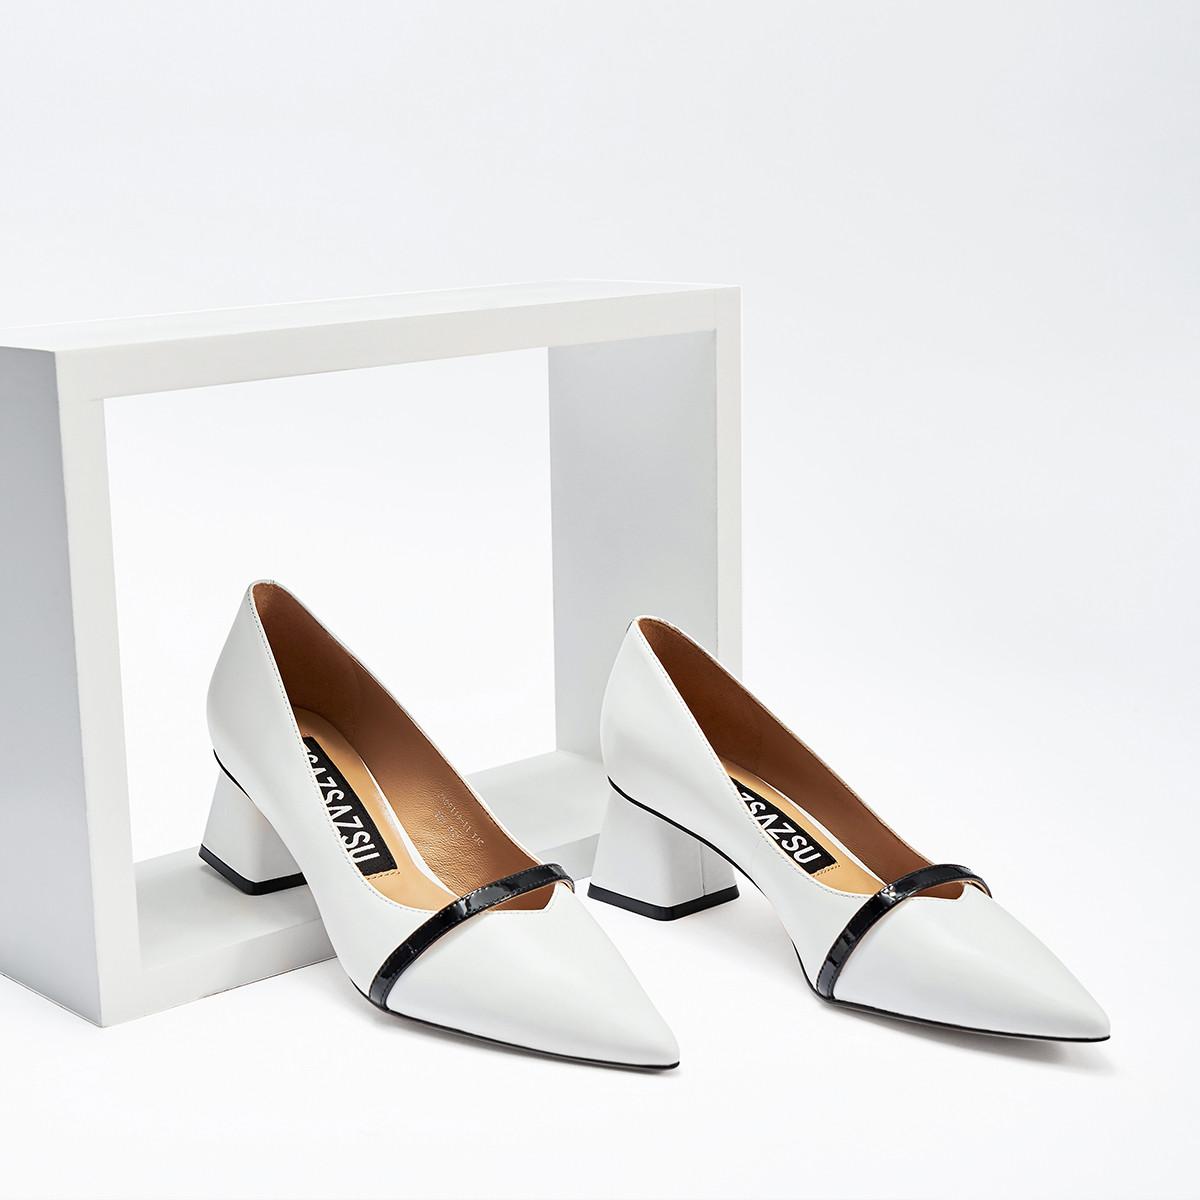 莎莎苏zsazsazsu莎莎苏2019春夏新款白色中跟粗跟单鞋ZA09119-11A0Q